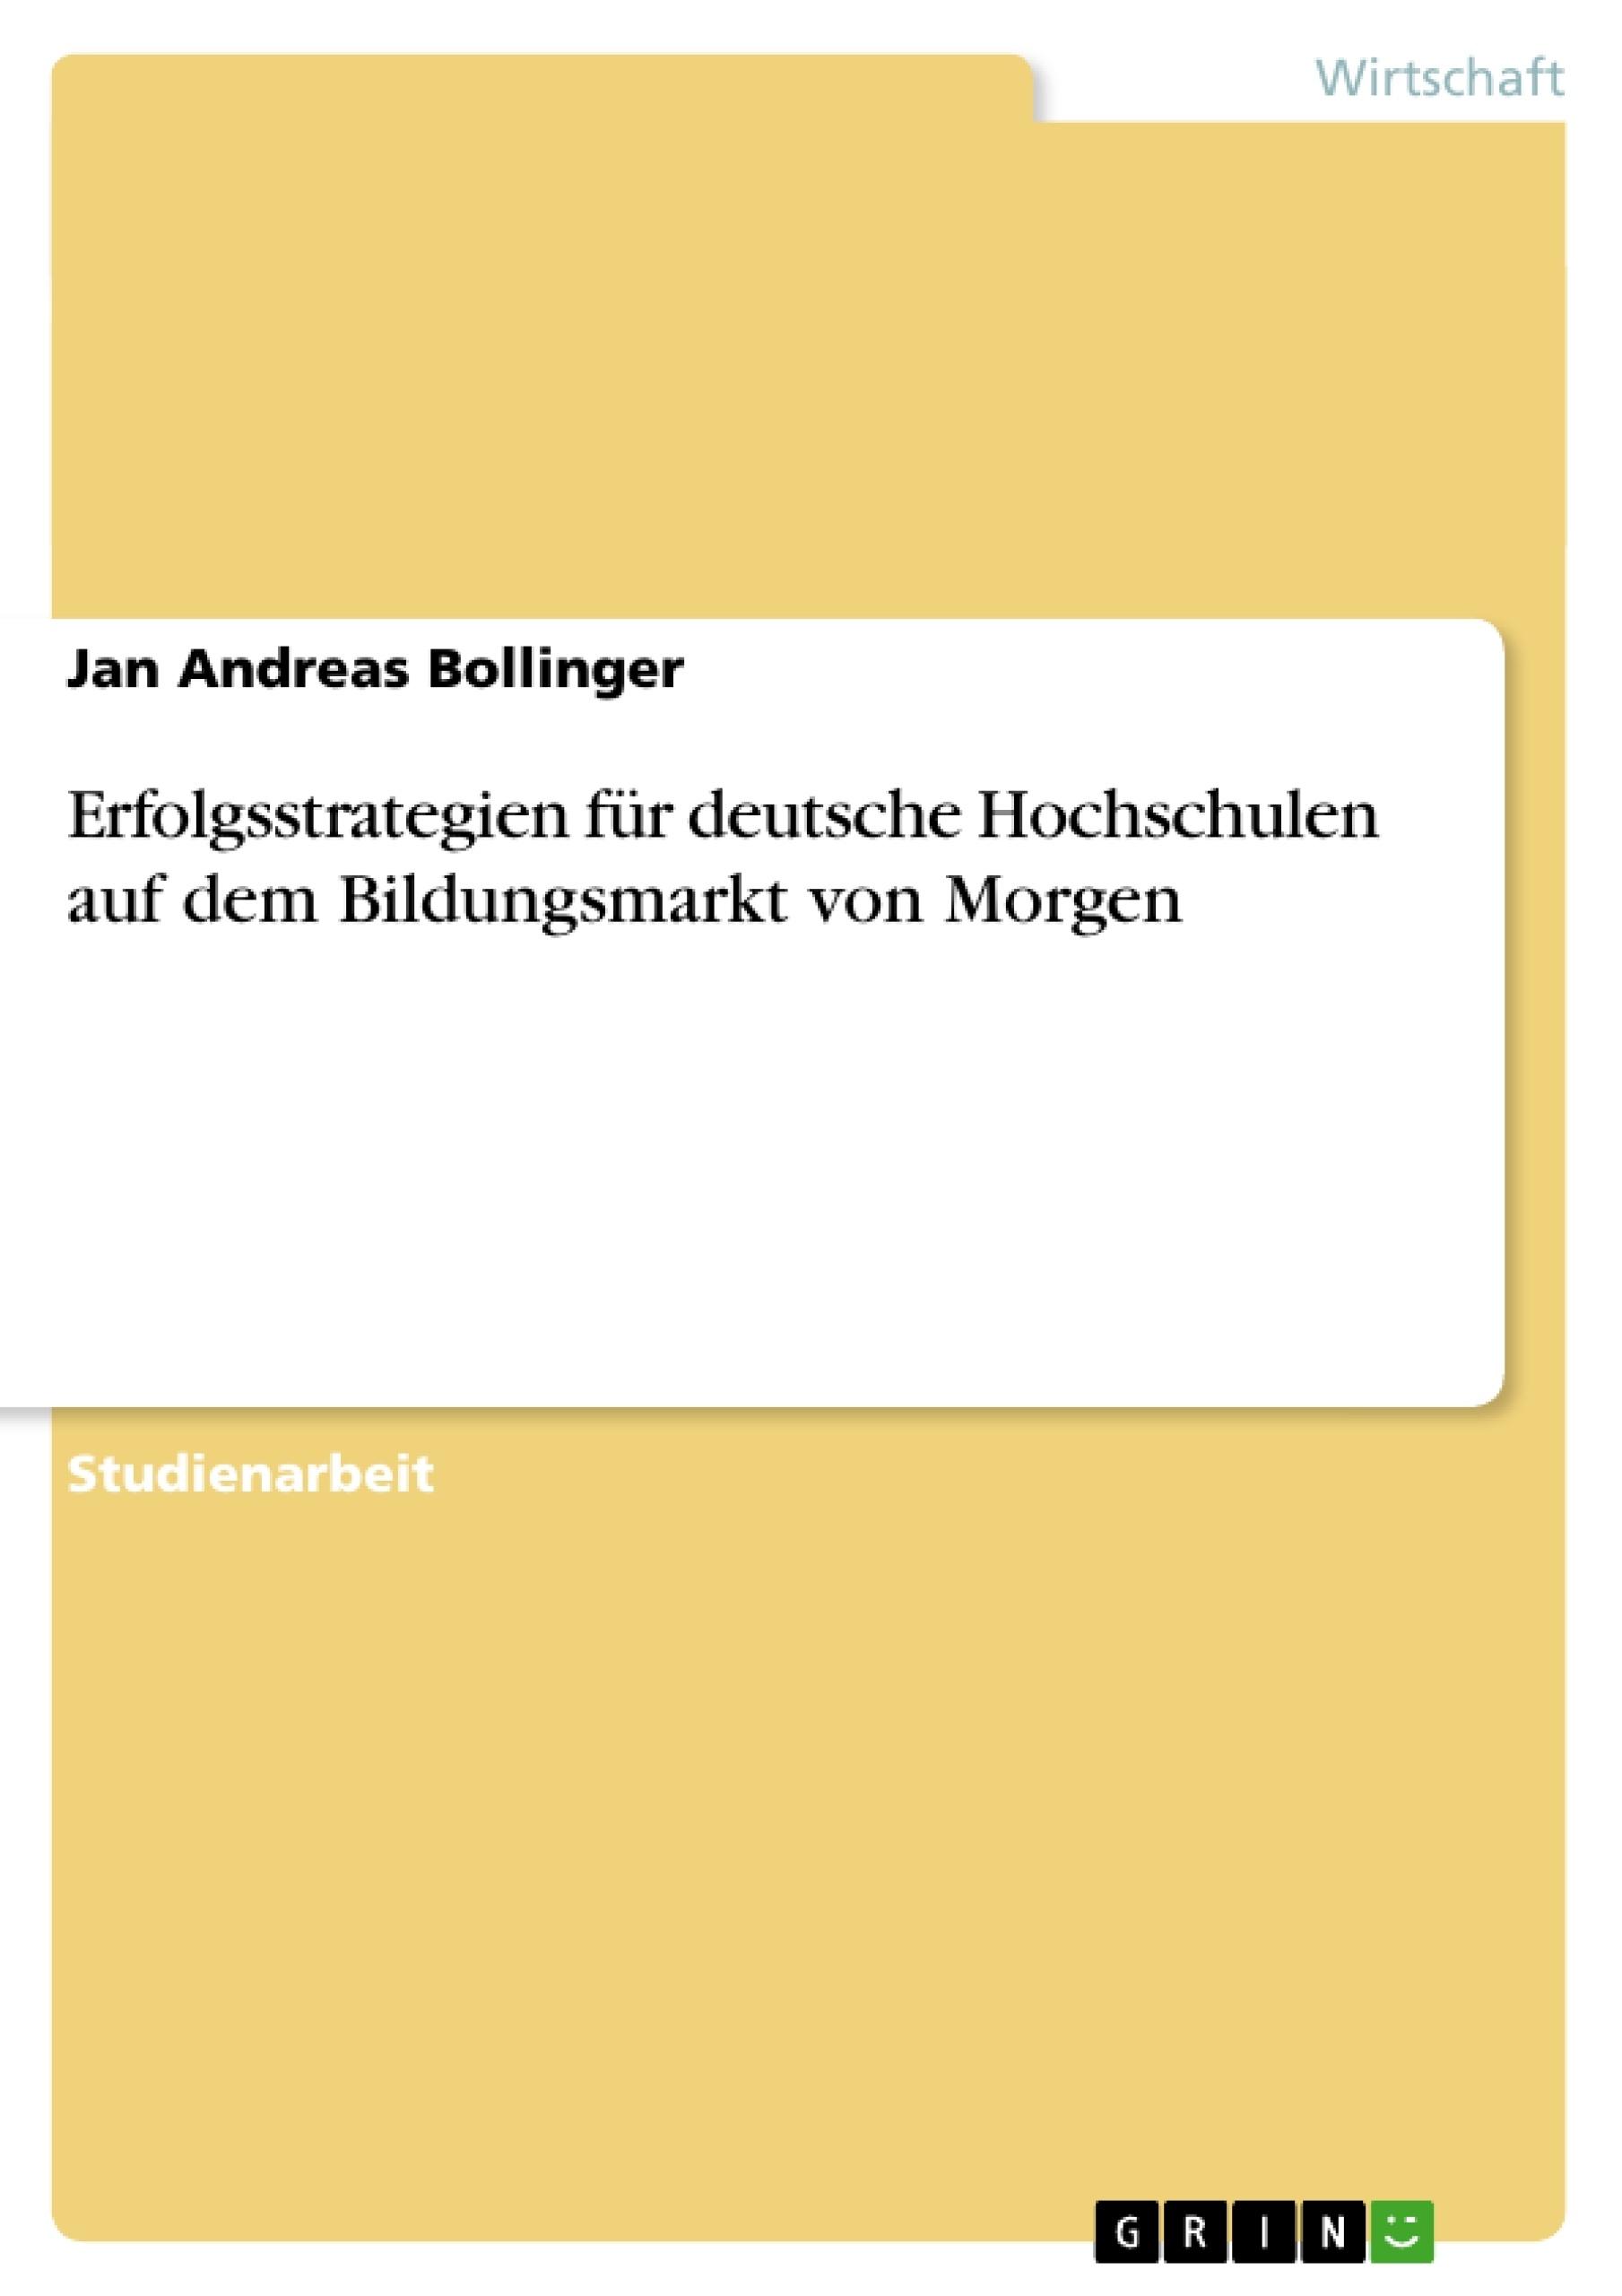 Titel: Erfolgsstrategien für deutsche Hochschulen auf dem Bildungsmarkt von Morgen